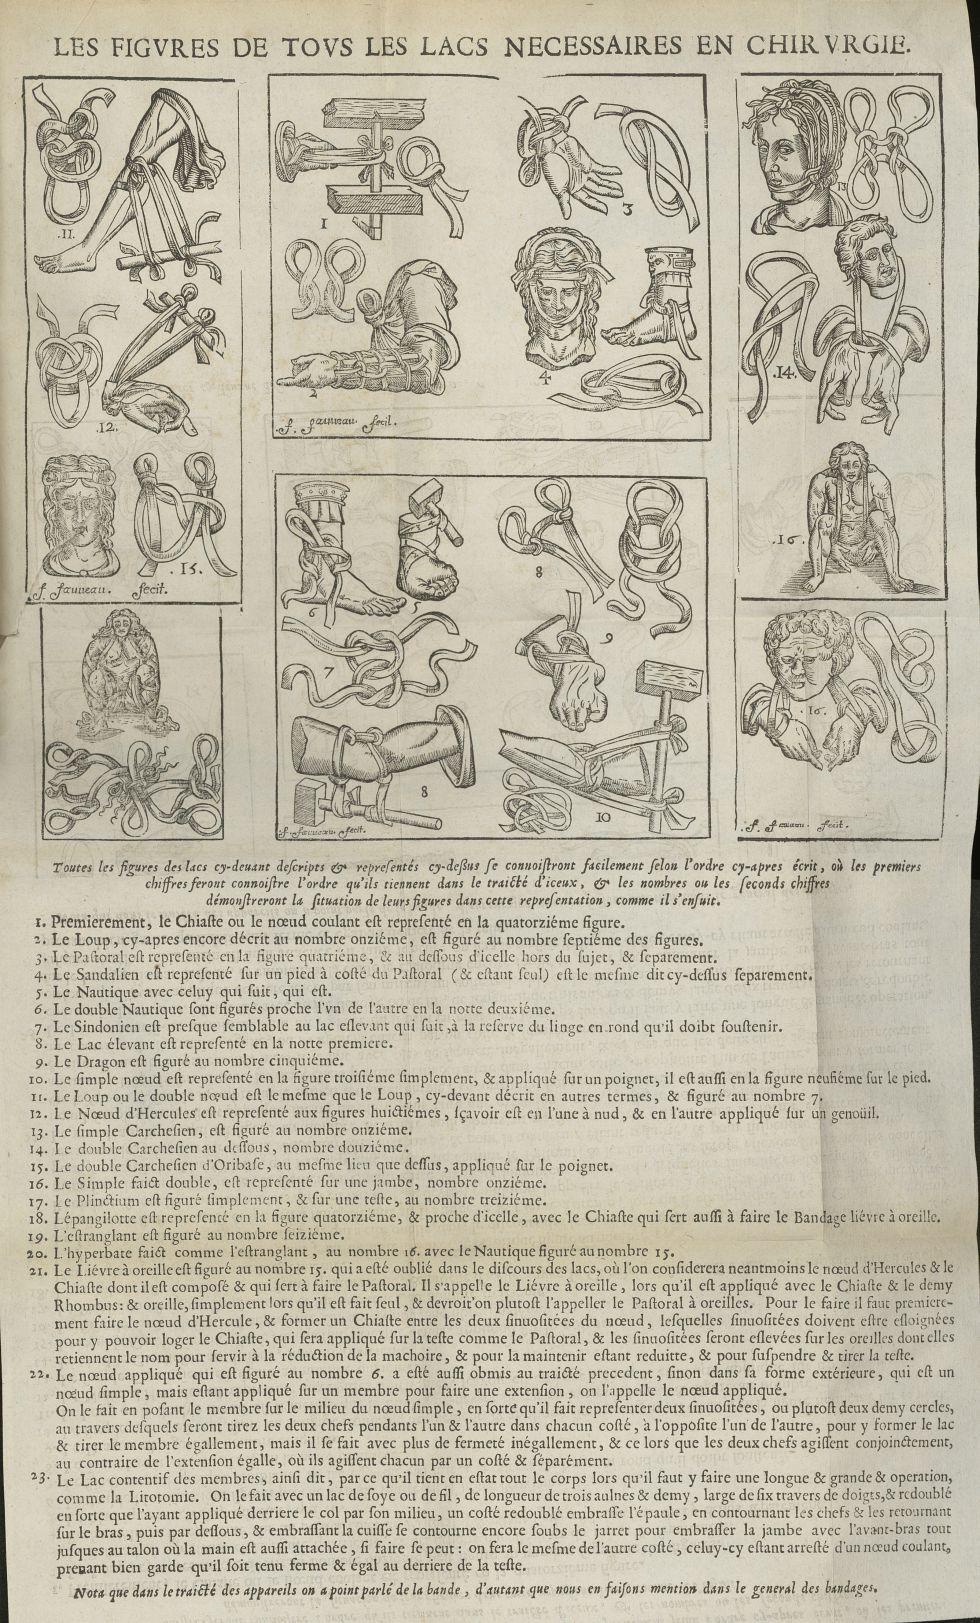 Les Figures de tous les lacs necessaires en Chirurgie - L'Oeconomie chirurgicale, pour le restabliss [...] - Matériels. Pansements. 17e siècle - med5207Ax0726